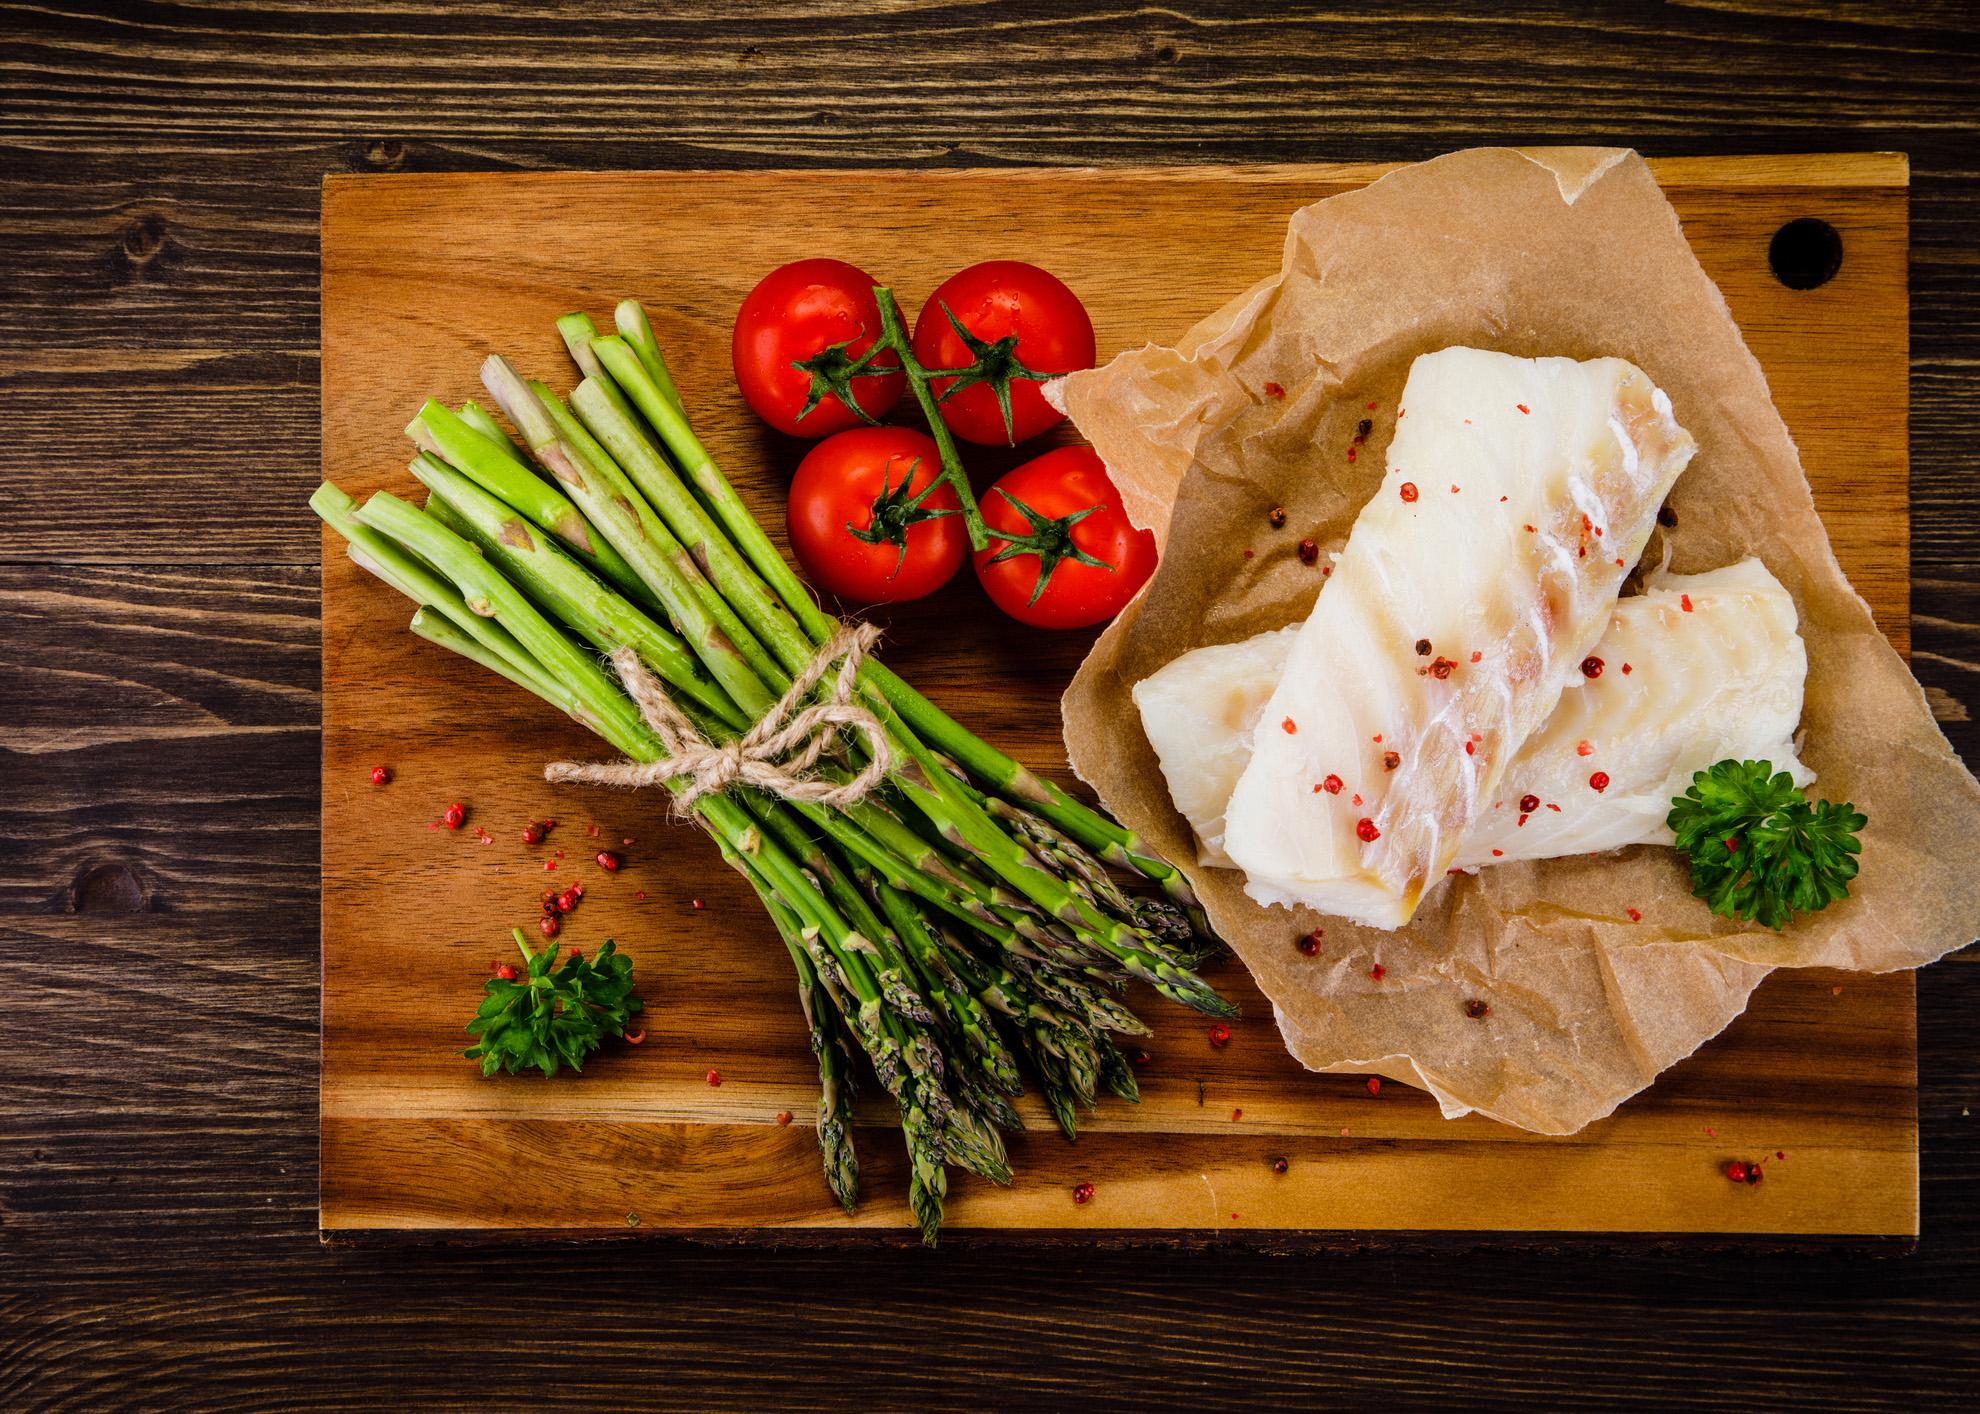 preparar bacalhau